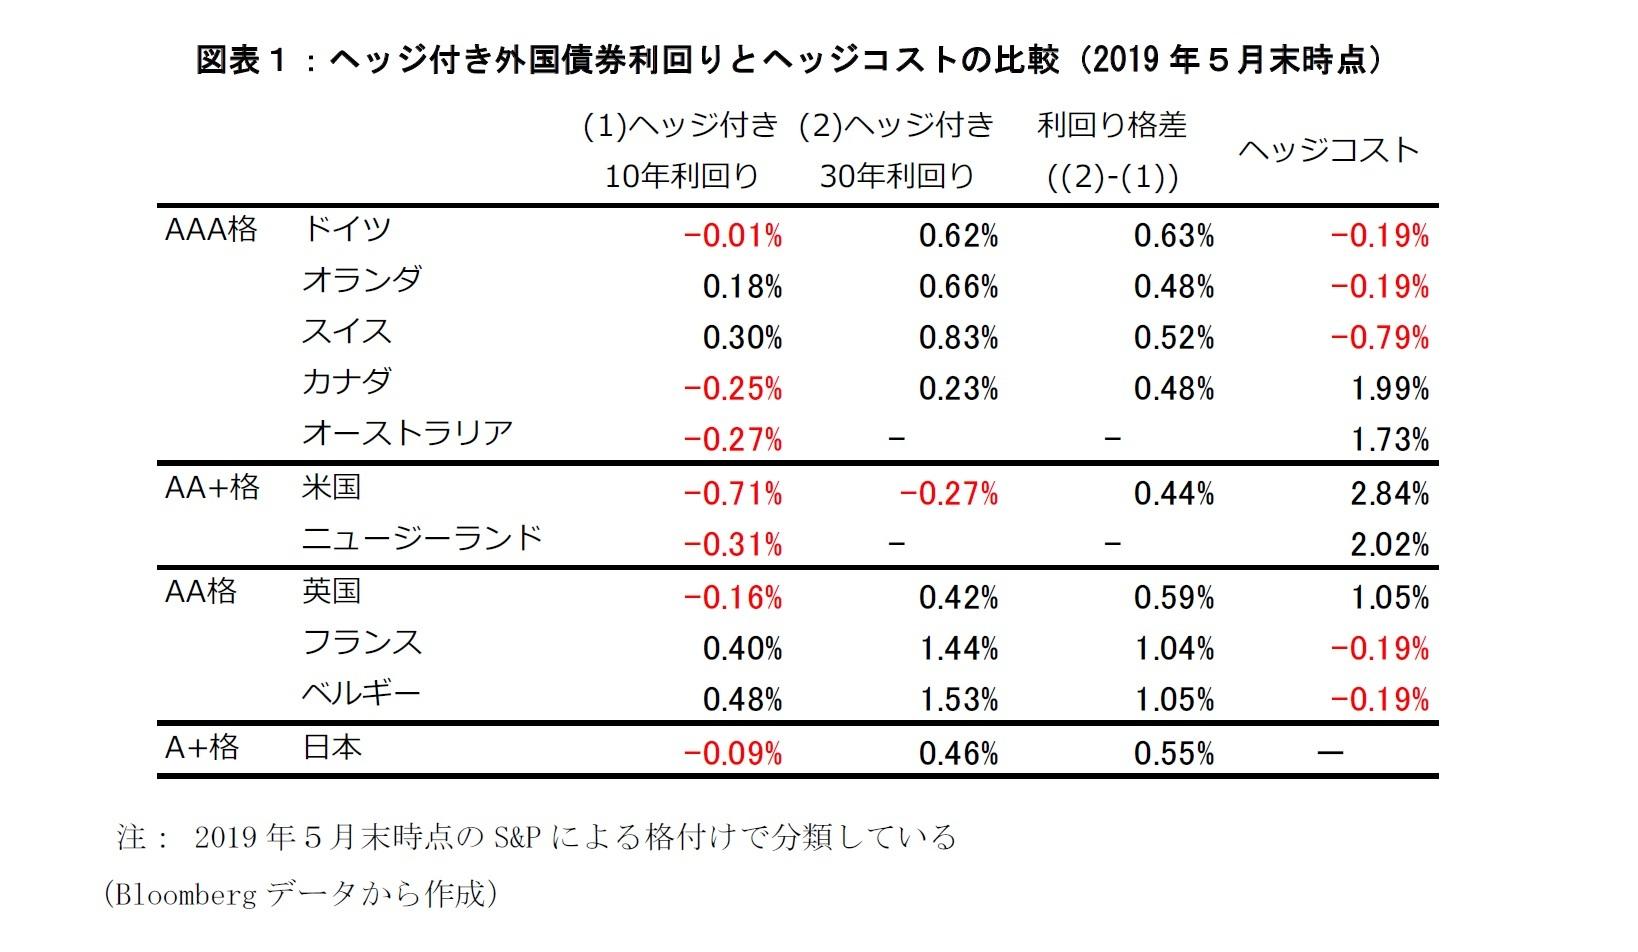 図表1:ヘッジ付き外国債券利回りとヘッジコストの比較